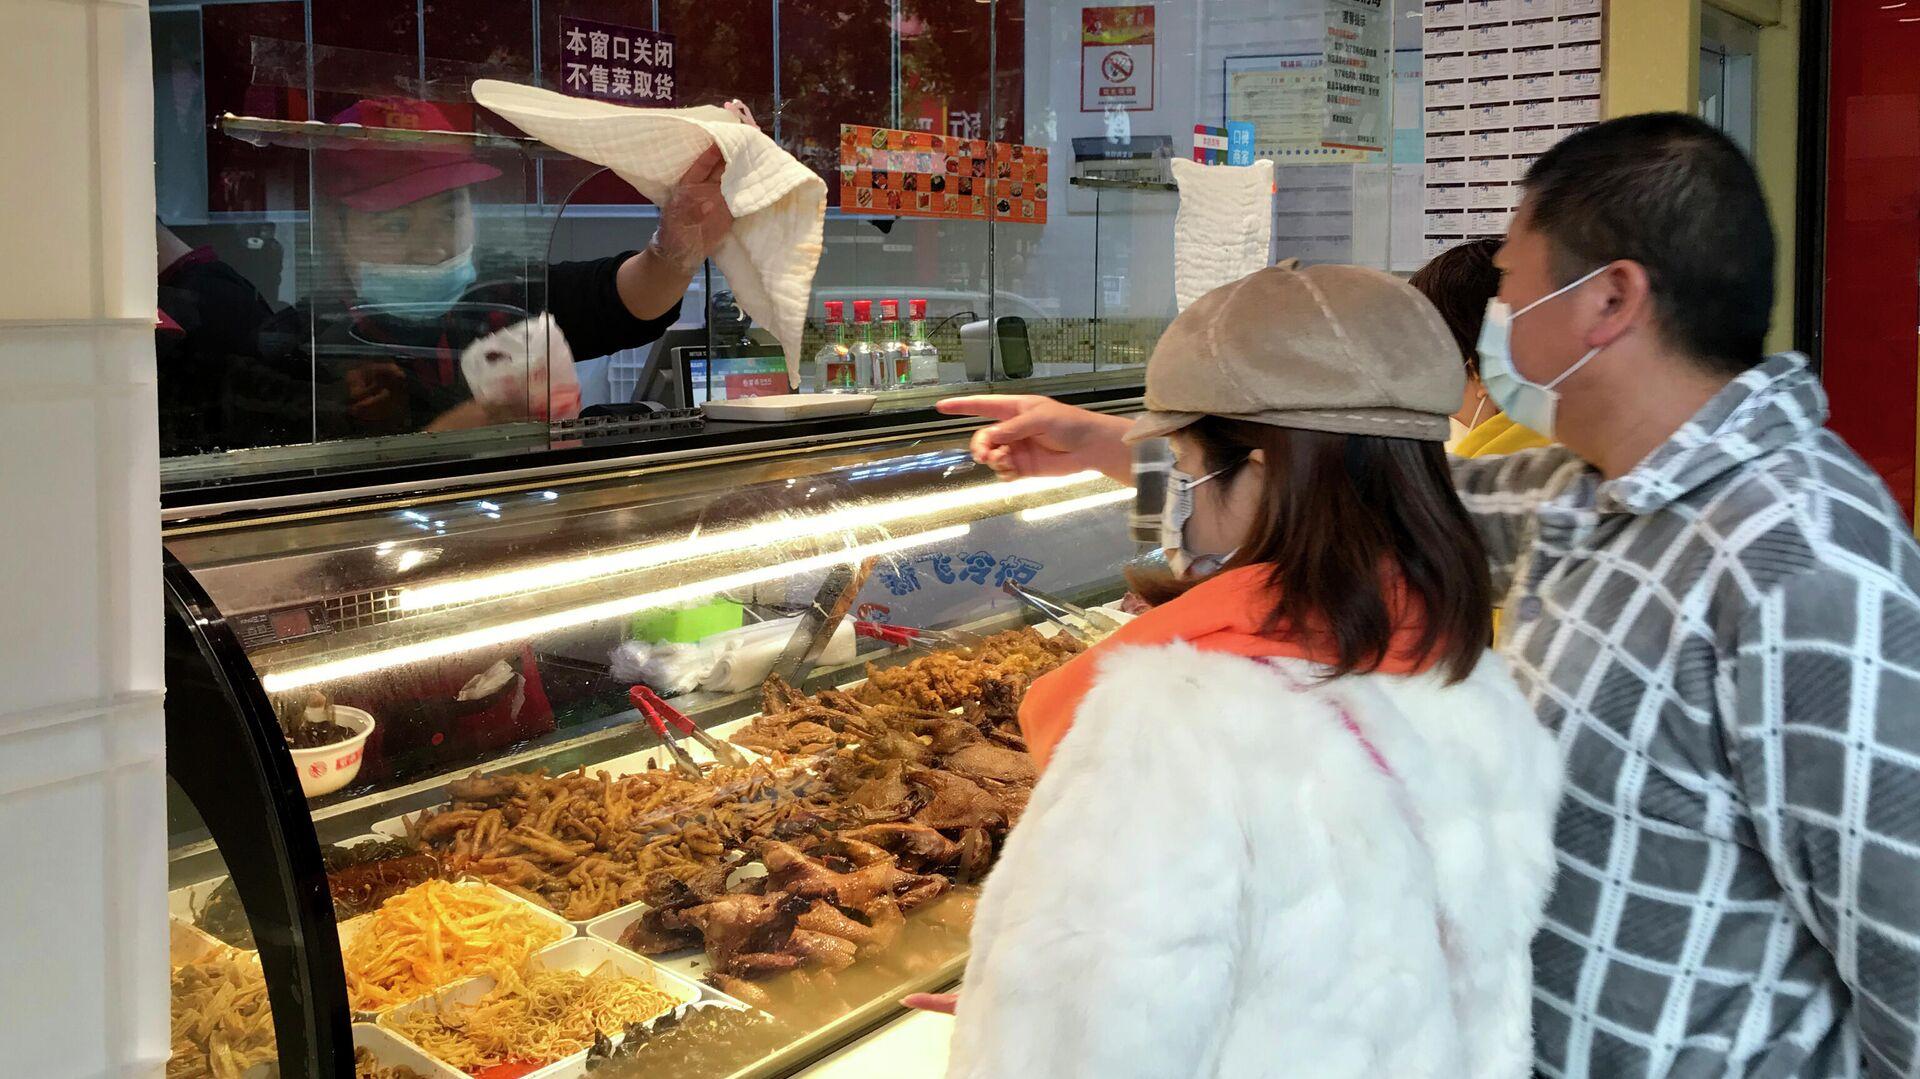 Местные жители покупают еду навынос в Ухани, КНР - РИА Новости, 1920, 22.11.2020